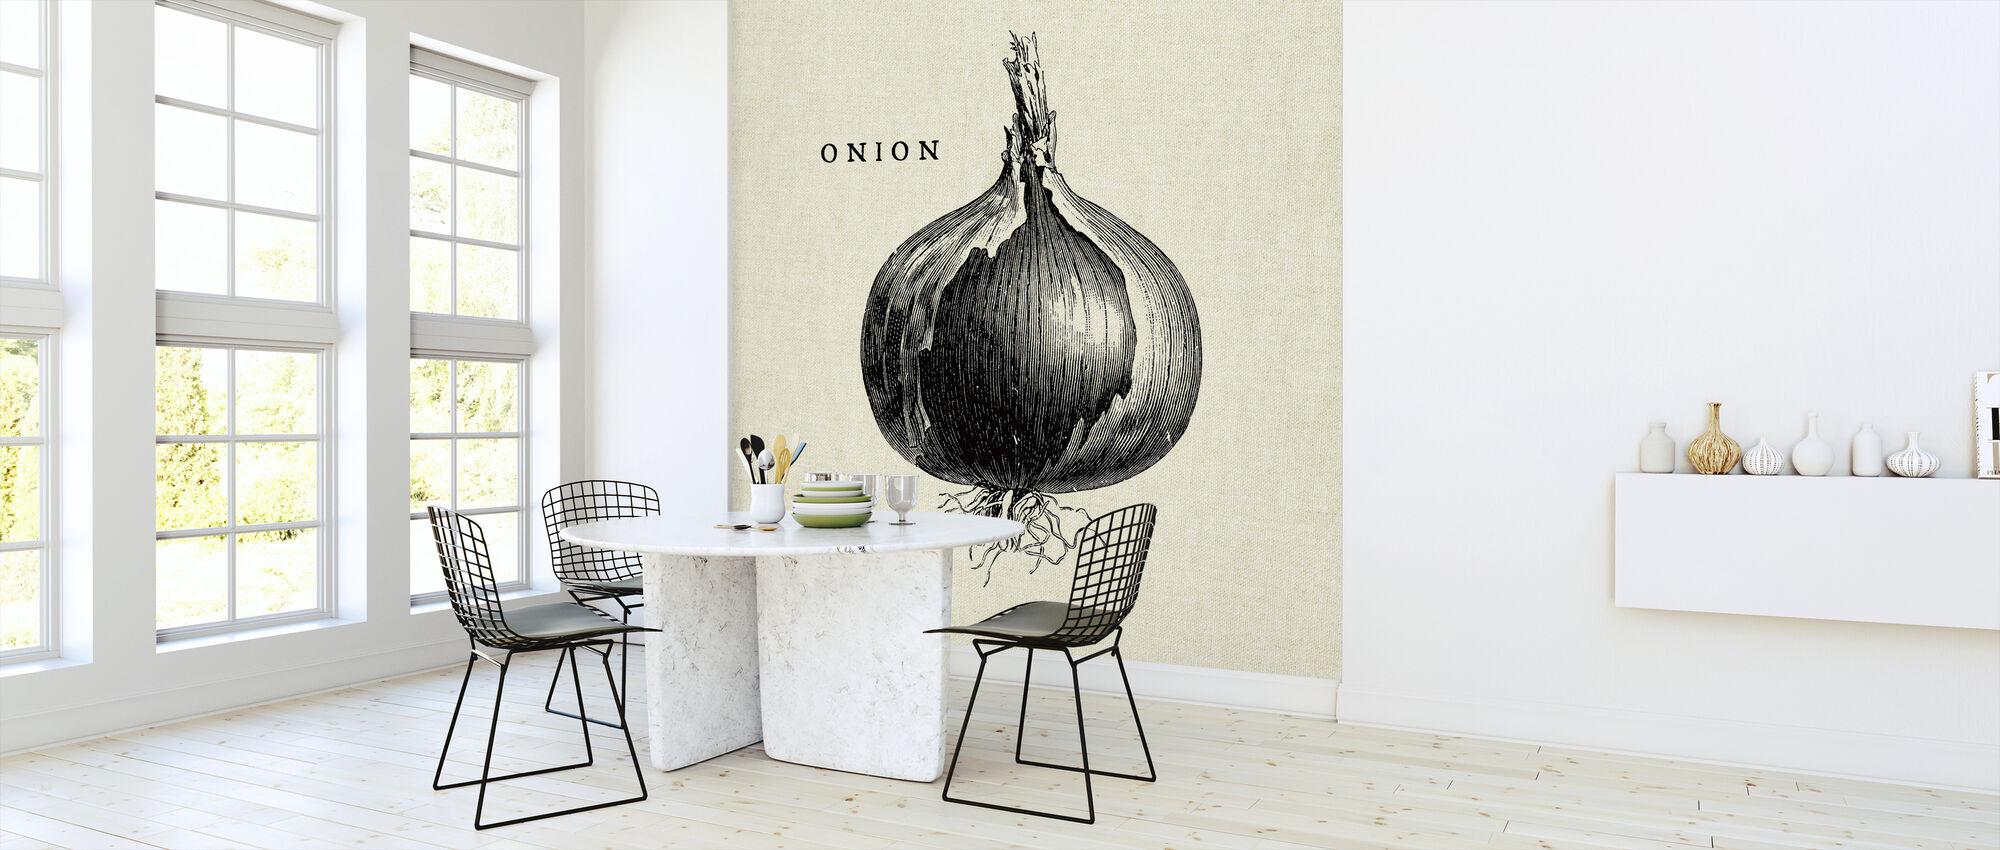 Küche Illustration - Zwiebel - Tapete - Küchen